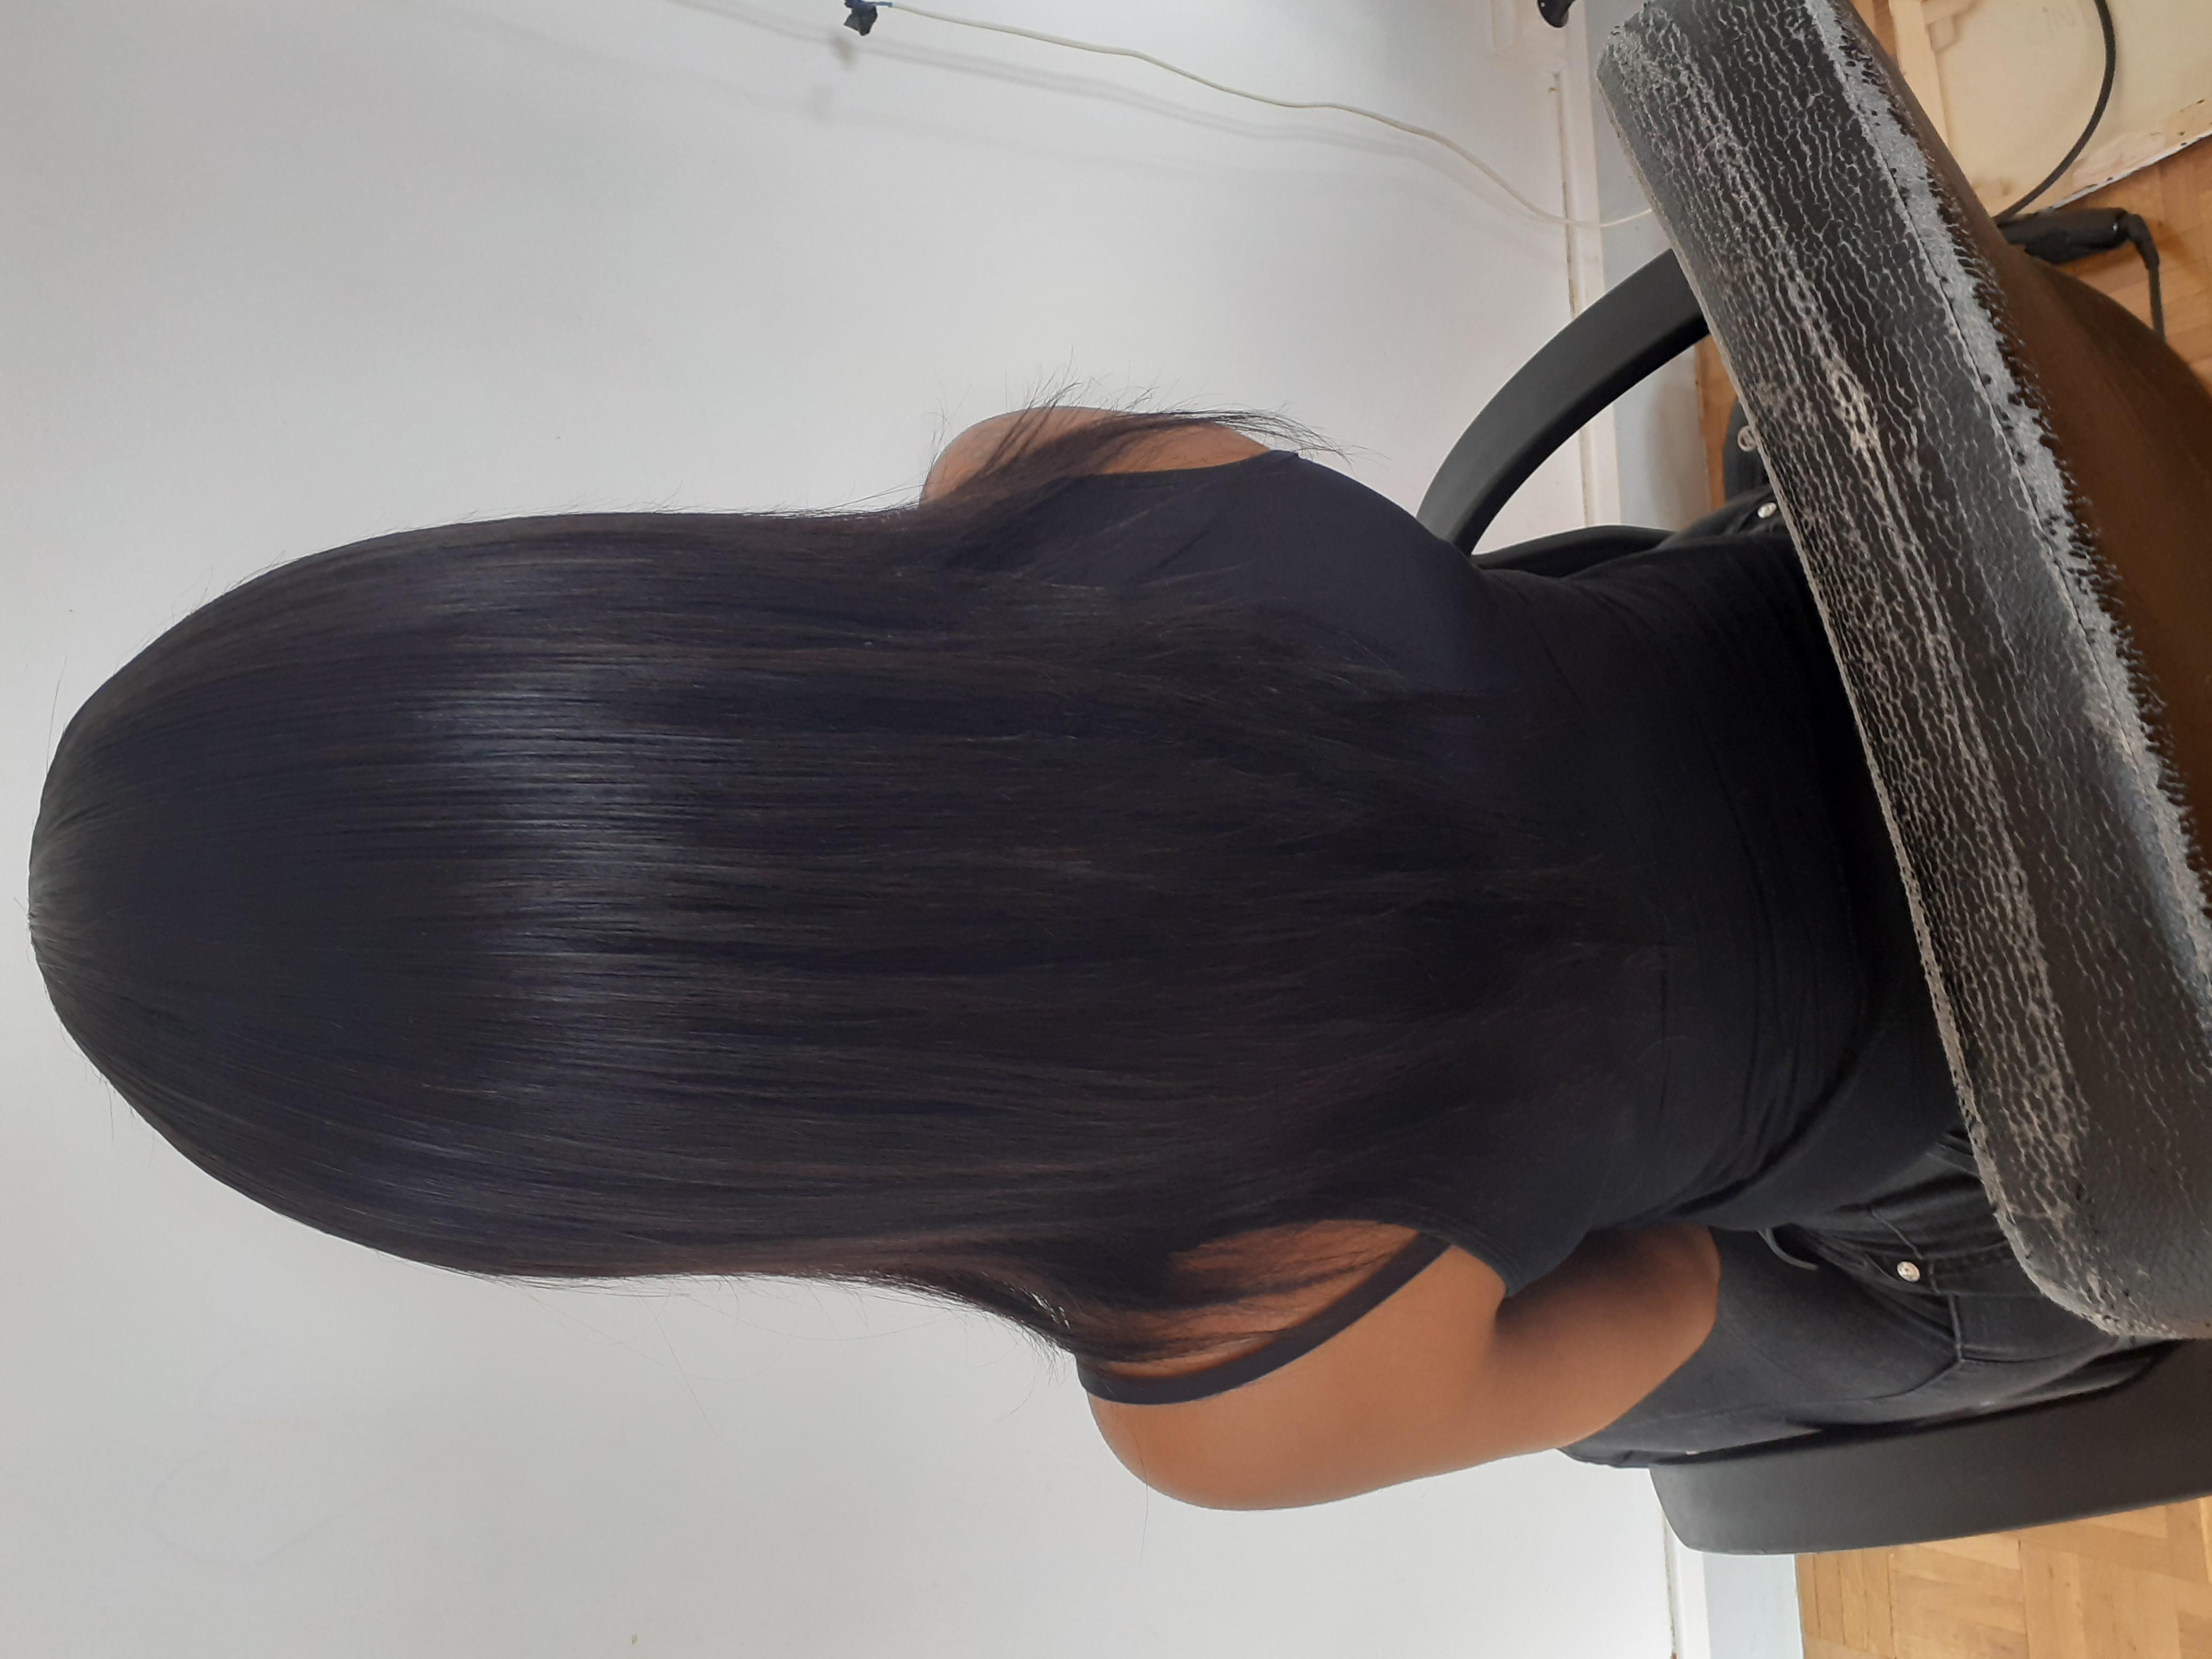 salon de coiffure afro tresse tresses box braids crochet braids vanilles tissages paris 75 77 78 91 92 93 94 95 QRBMXRKW